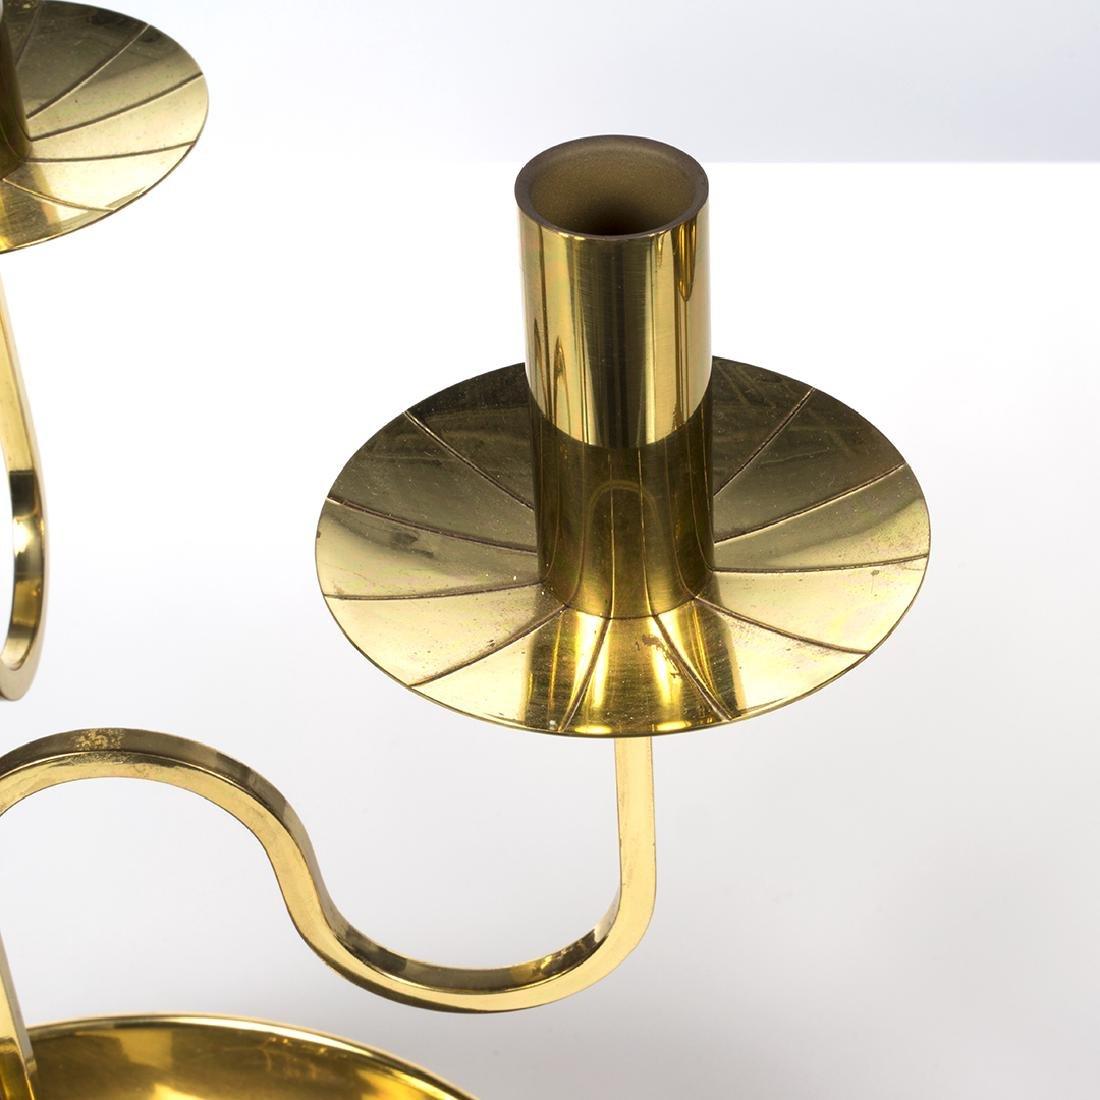 Tommi Parzinger Brass Candelabras (2) - 4